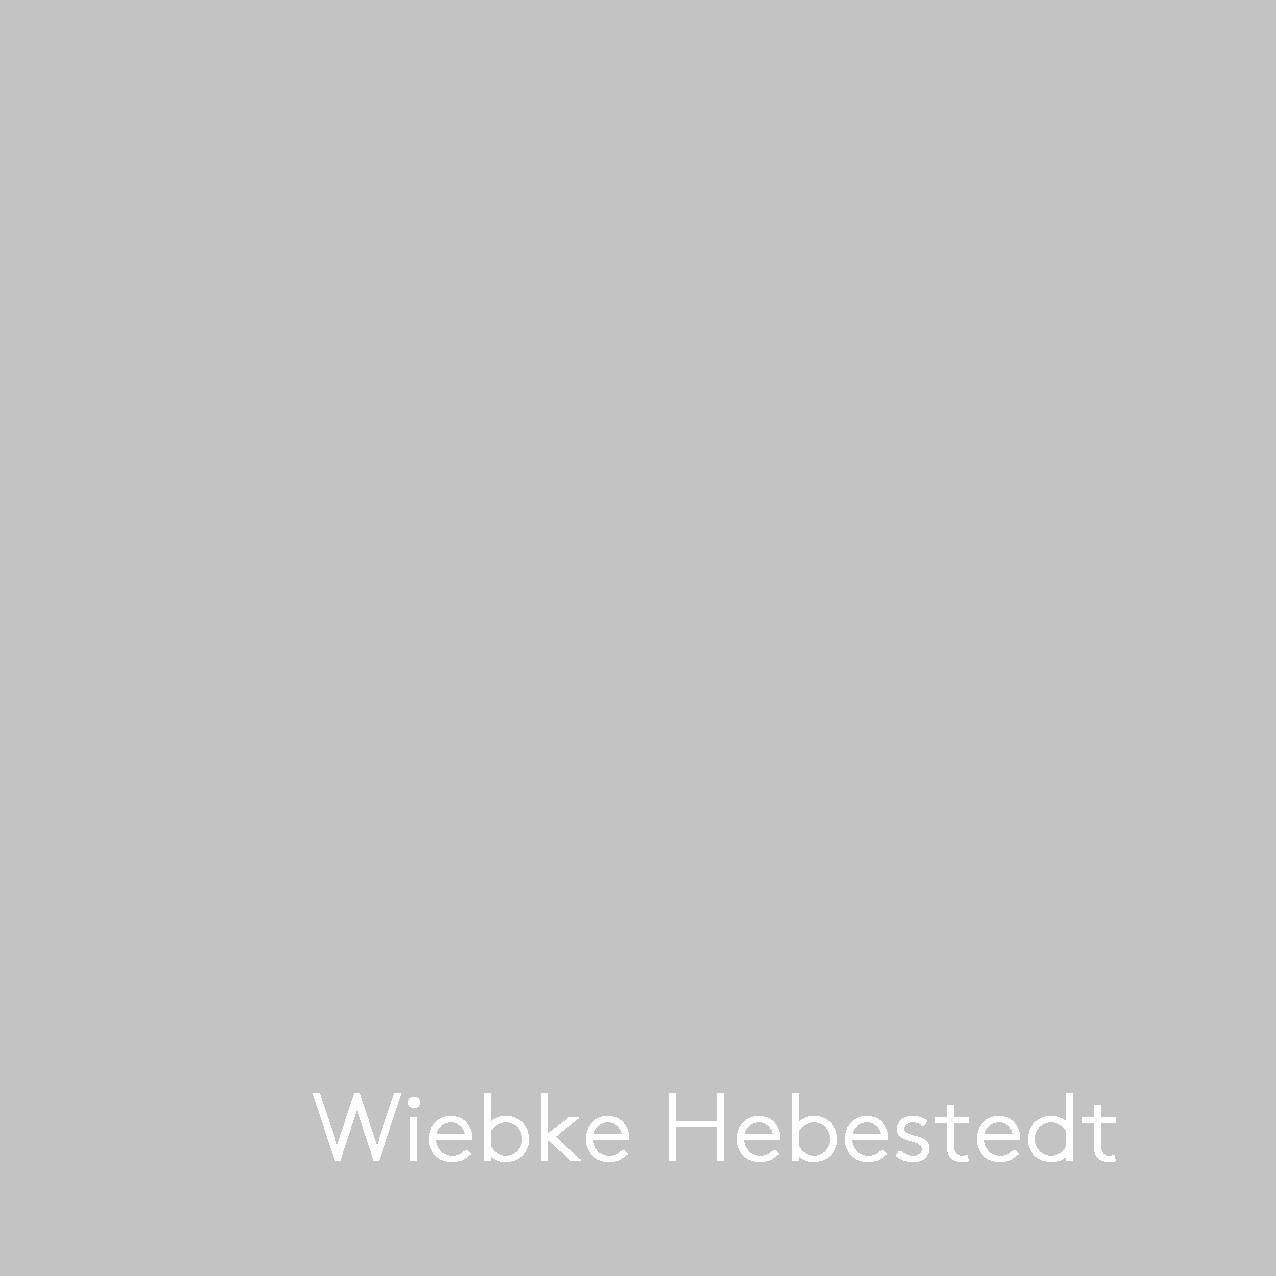 Wiebke Hebestedt